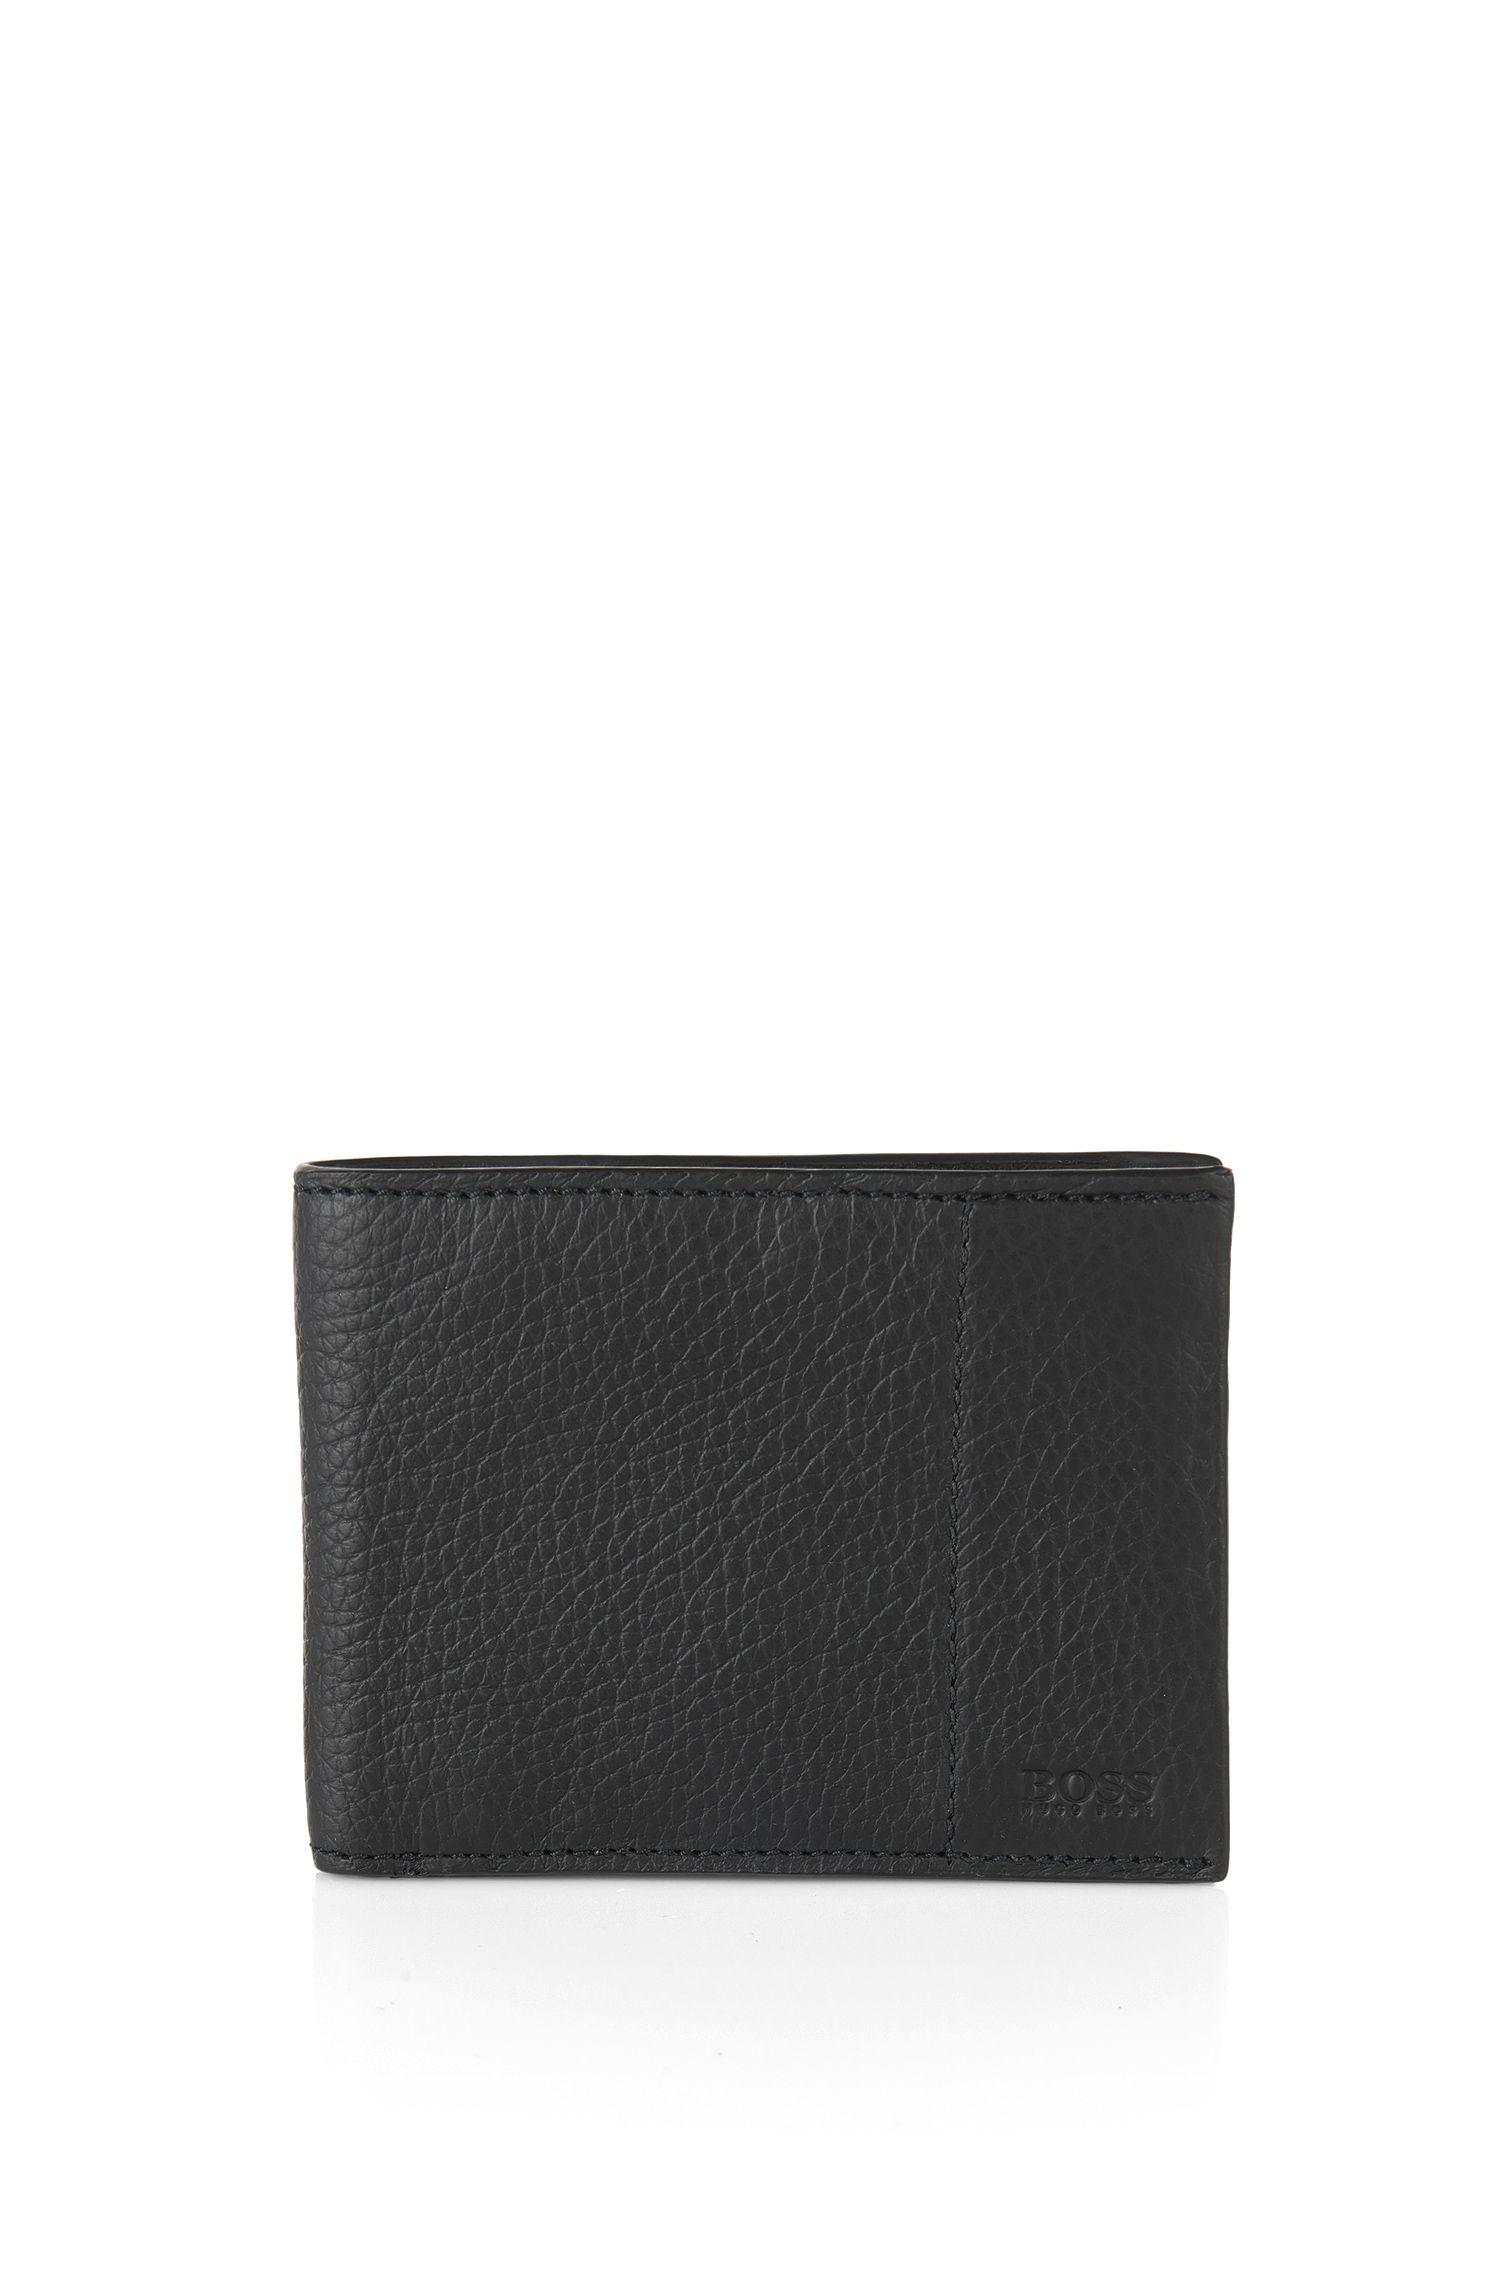 Bi-fold wallet in Italian leather